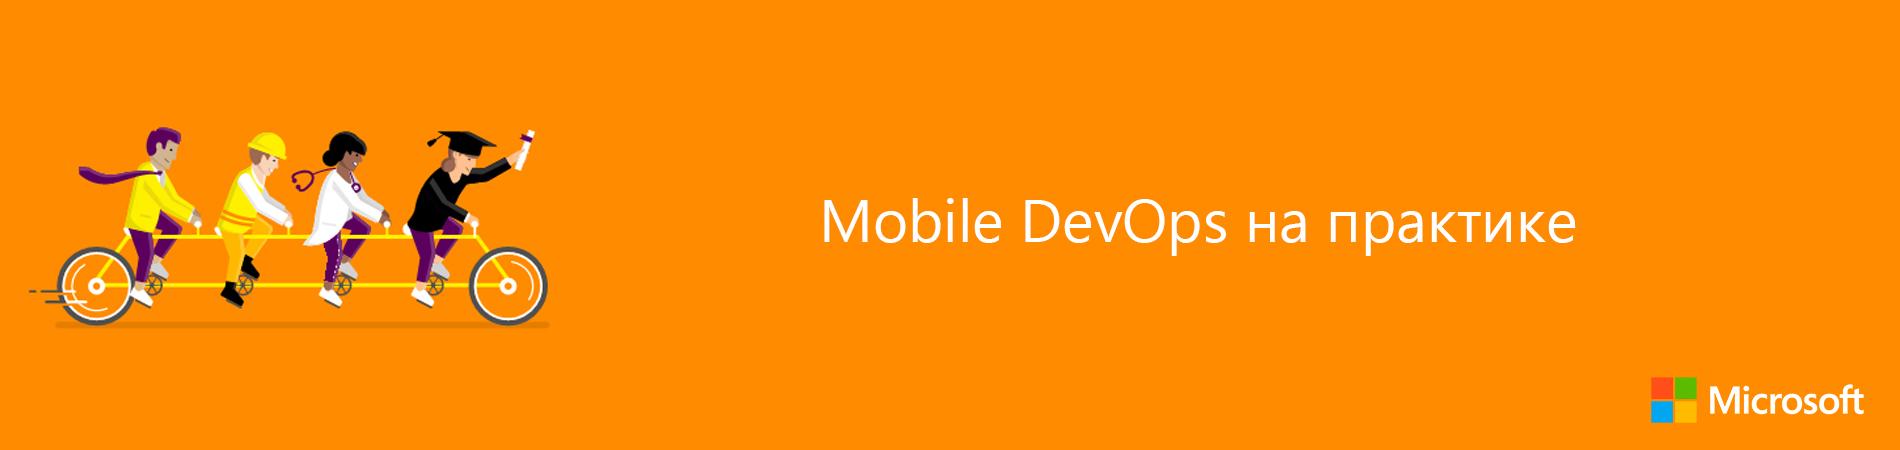 Mobile DevOps на практике